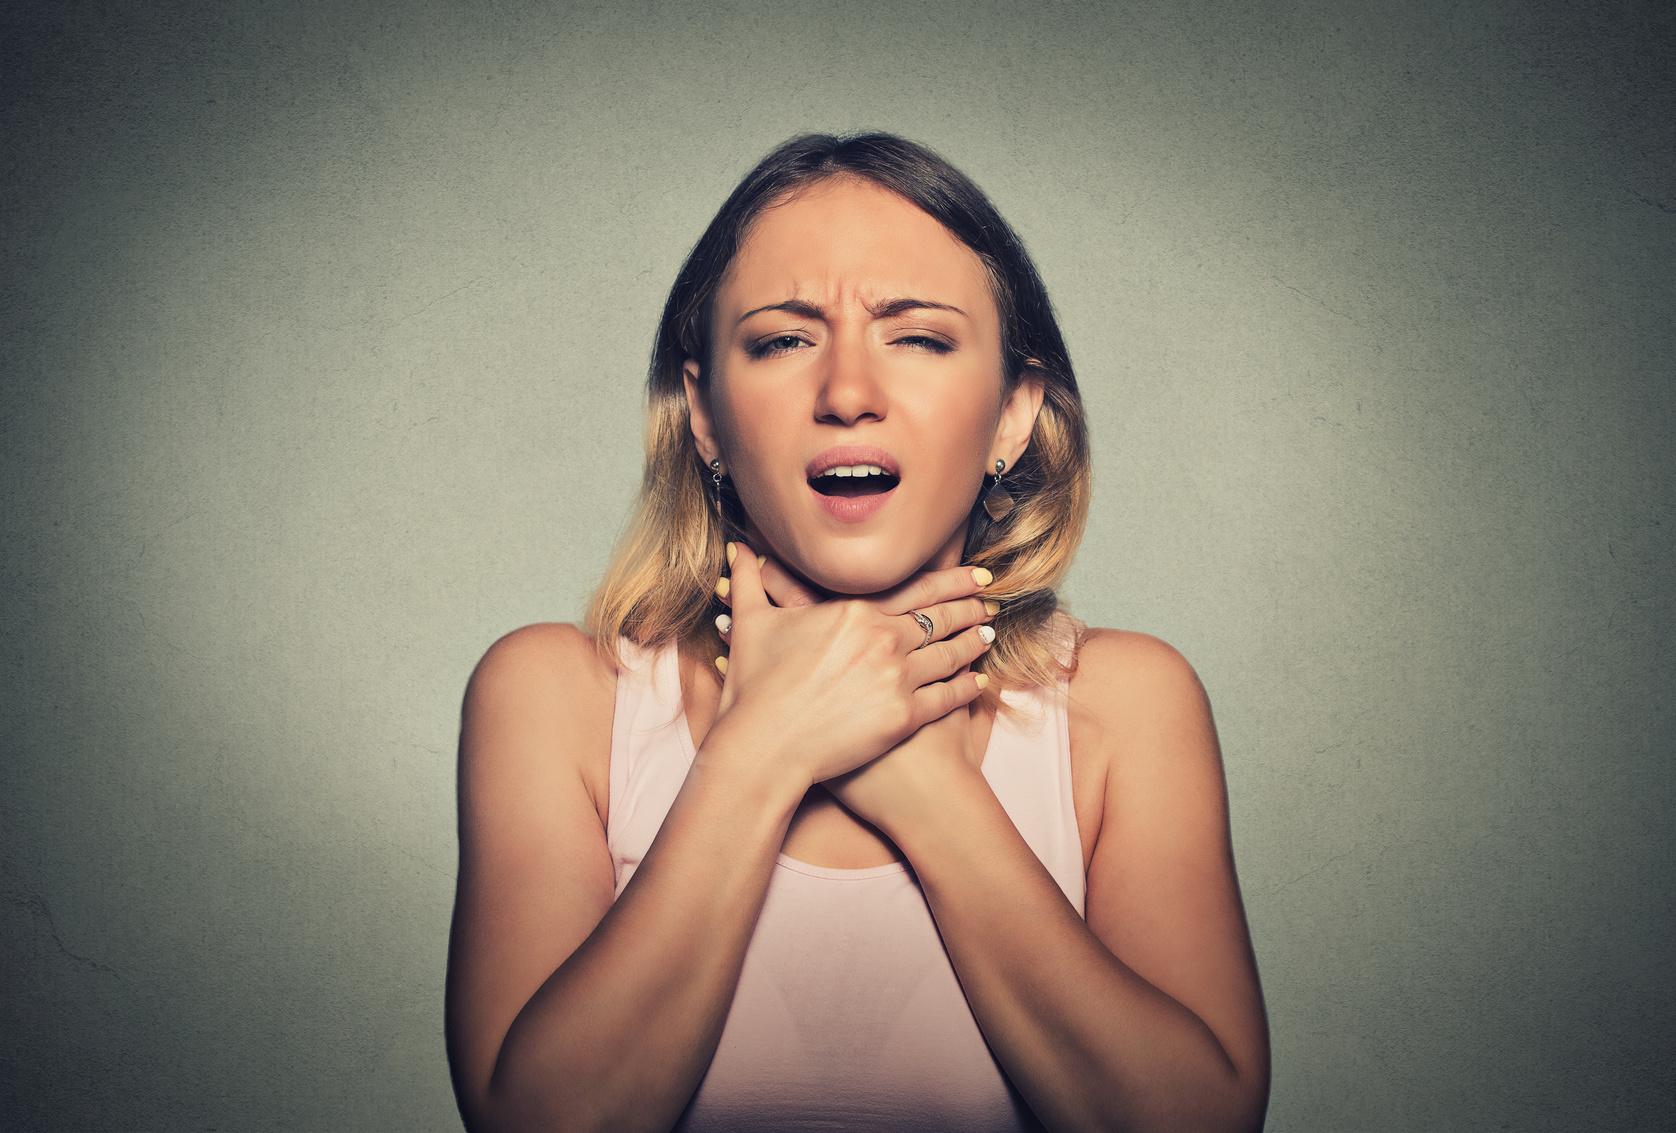 のどが痛い!唾液も飲み込めないほど痛みの原因は?